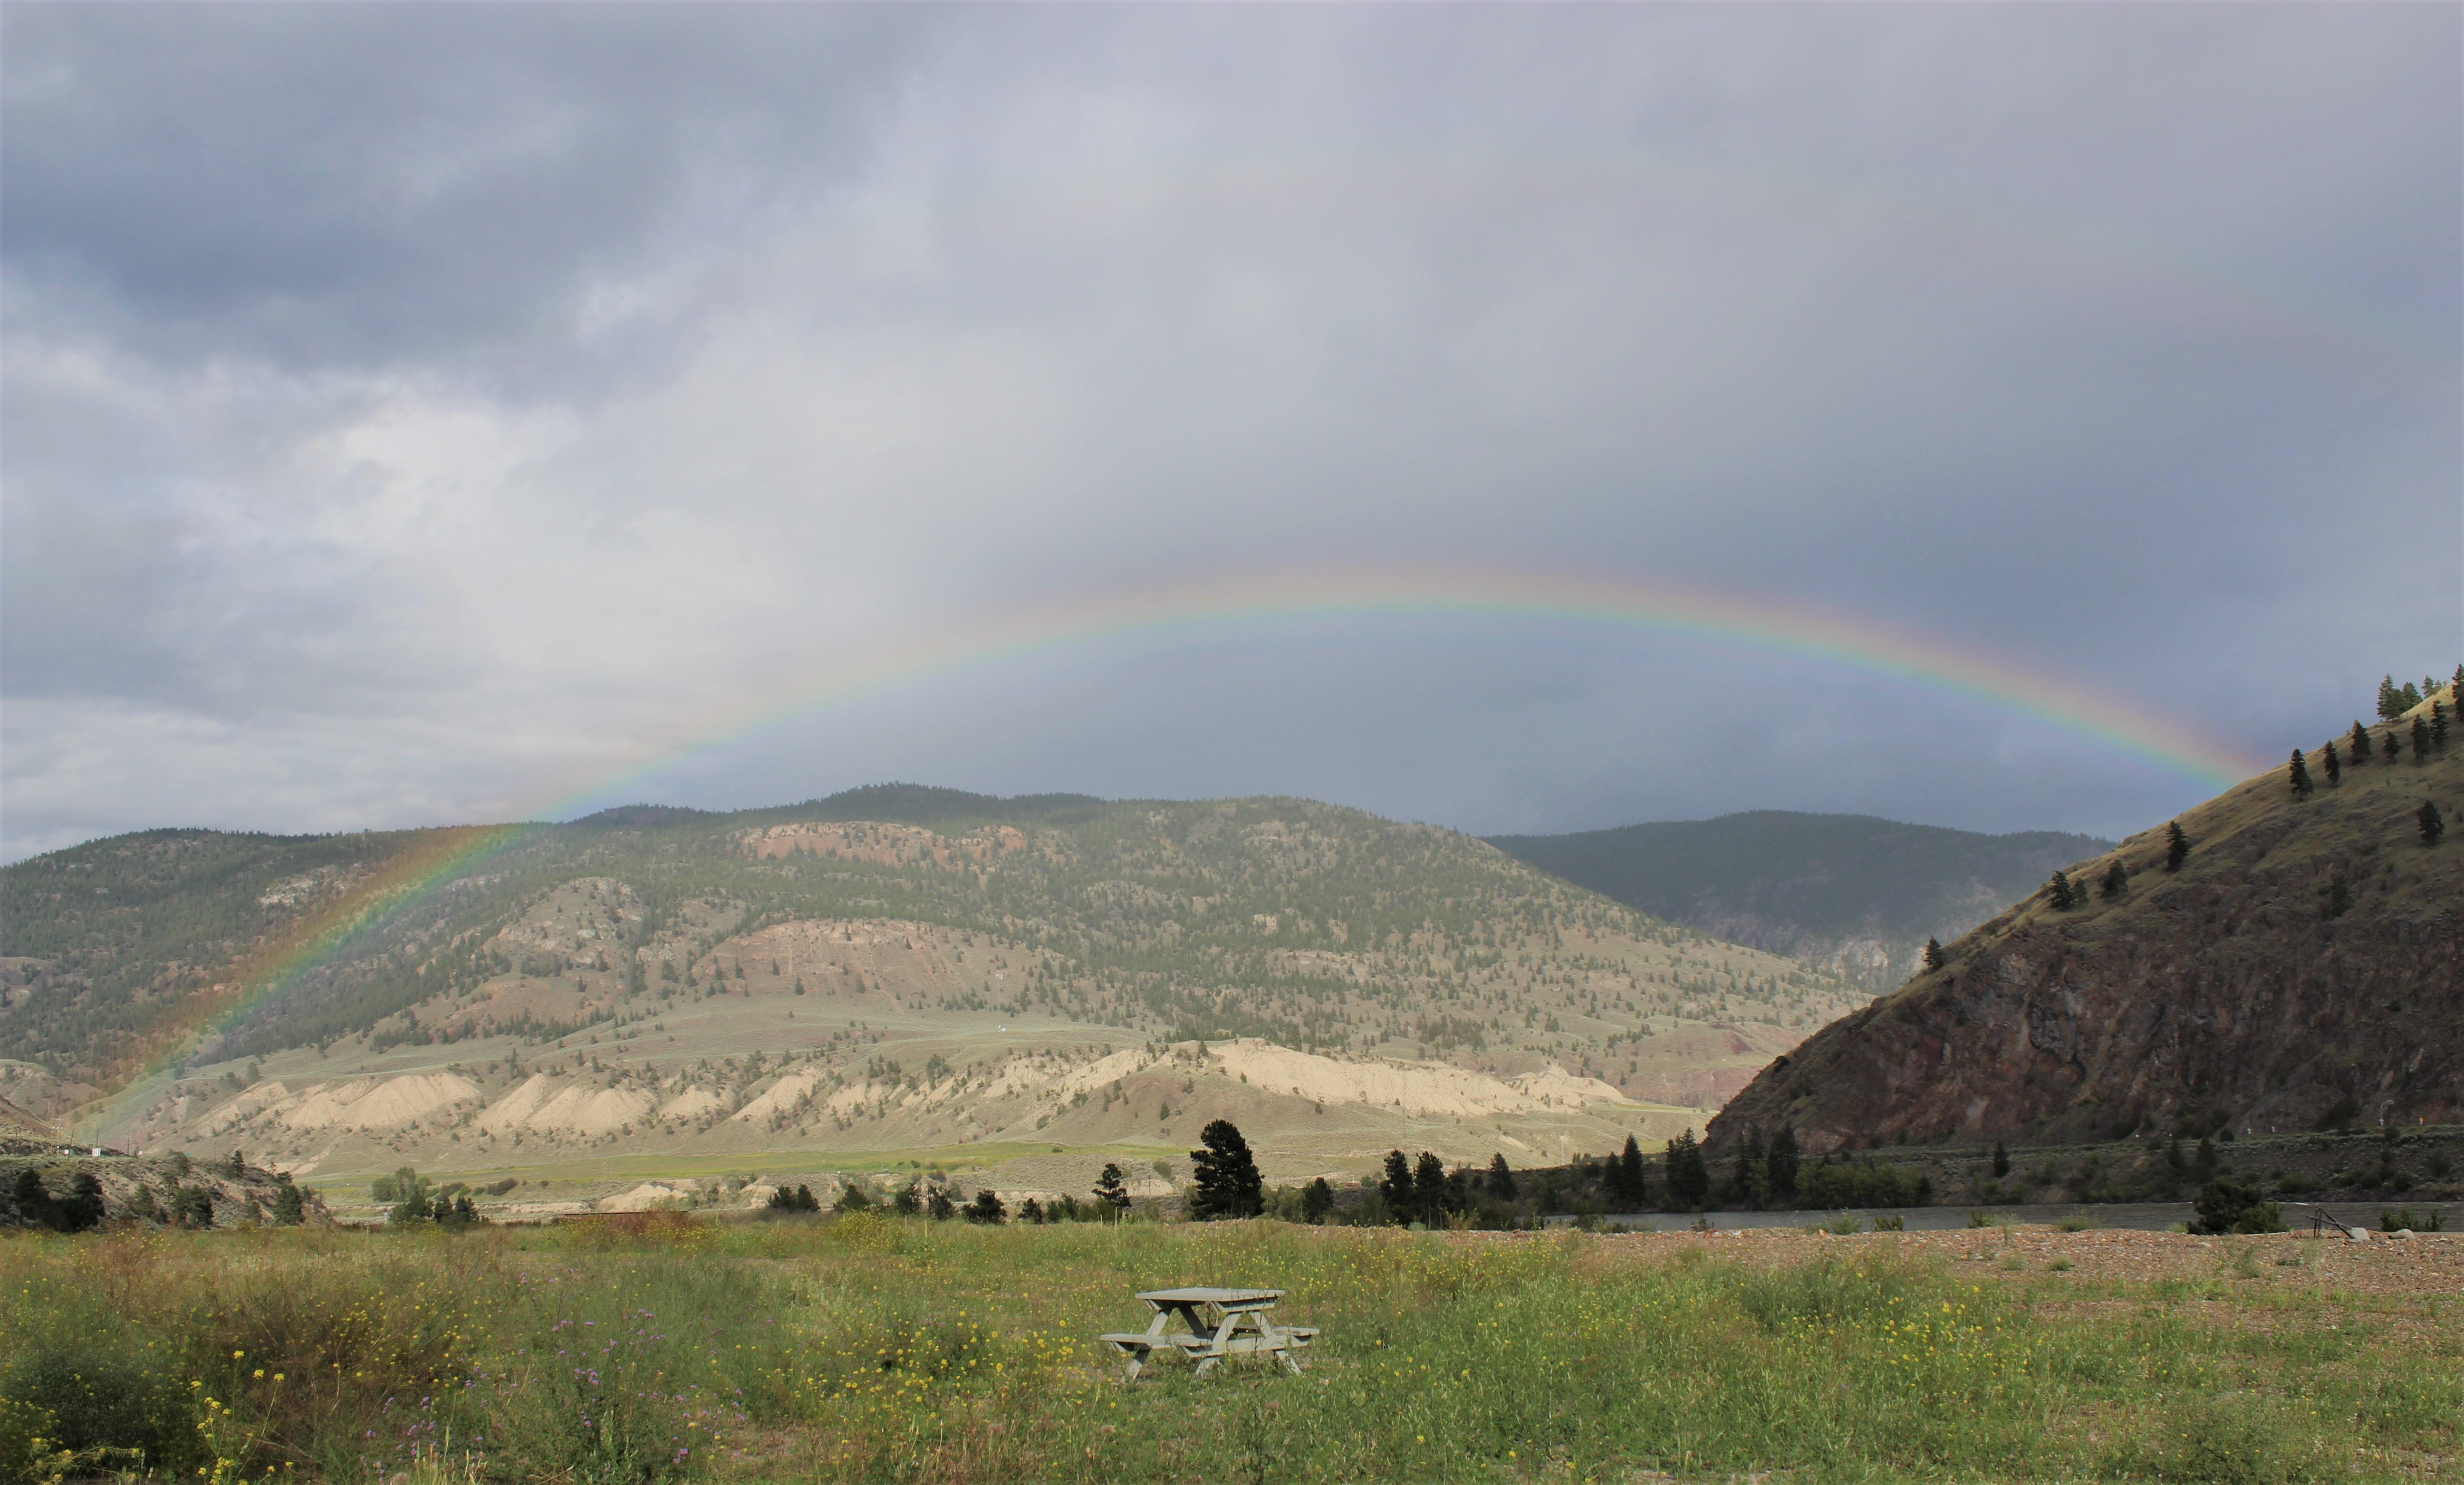 https://0901.nccdn.net/4_2/000/000/076/de9/rainbow.jpg